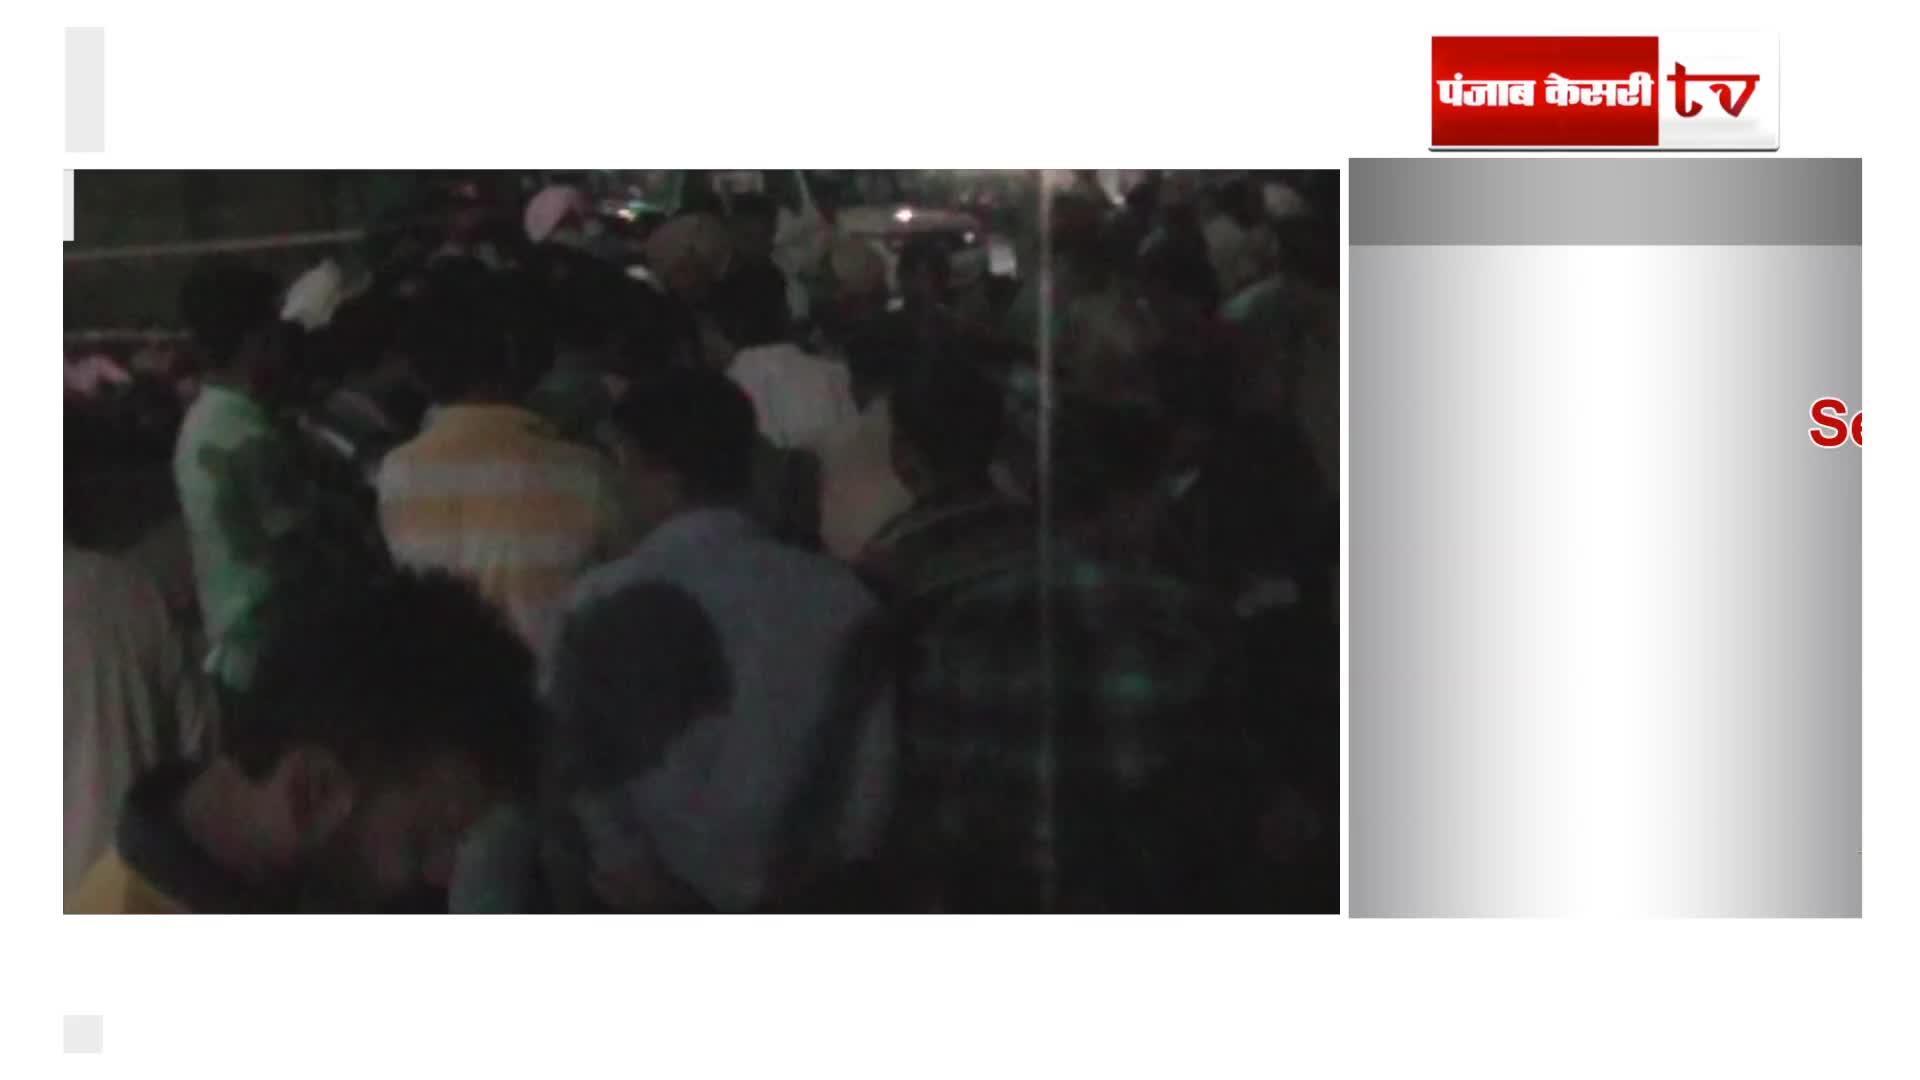 Image of भीड़ भरे इलाके  में बेरहमी से युवक  का कत्ल